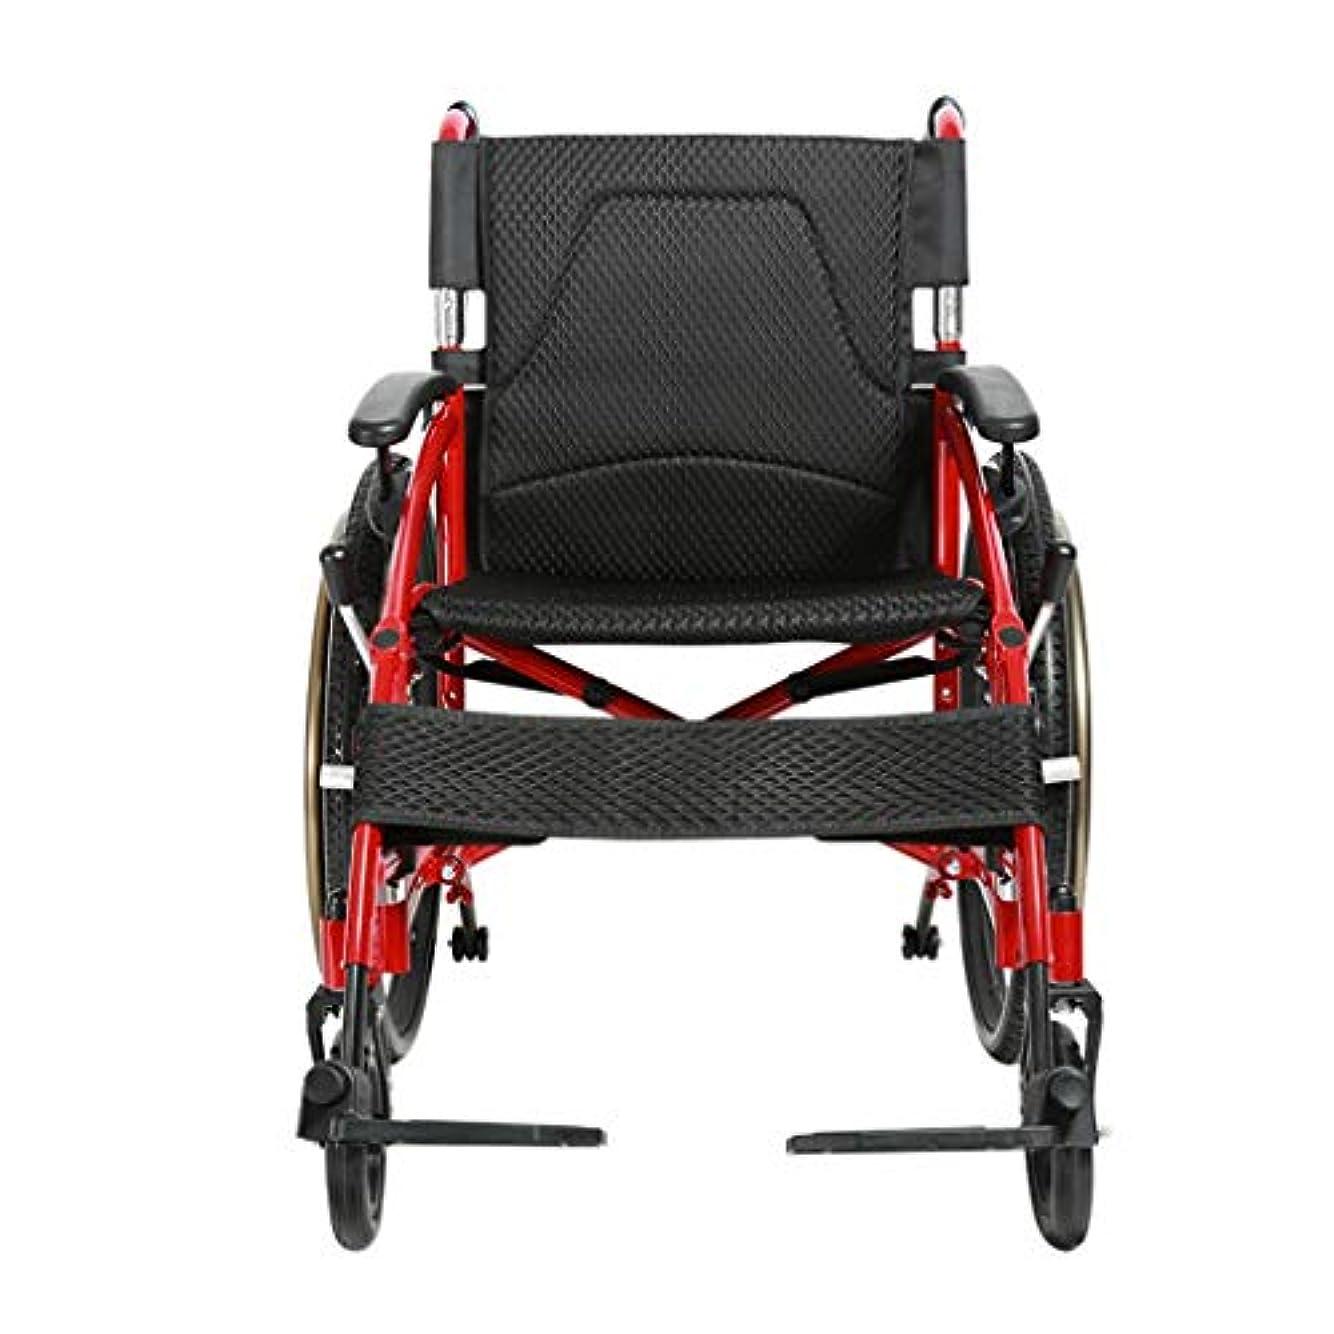 ボール照らす乳白色車椅子折りたたみ超軽量アルミニウム合金、高齢者向け車椅子、多目的トロリー